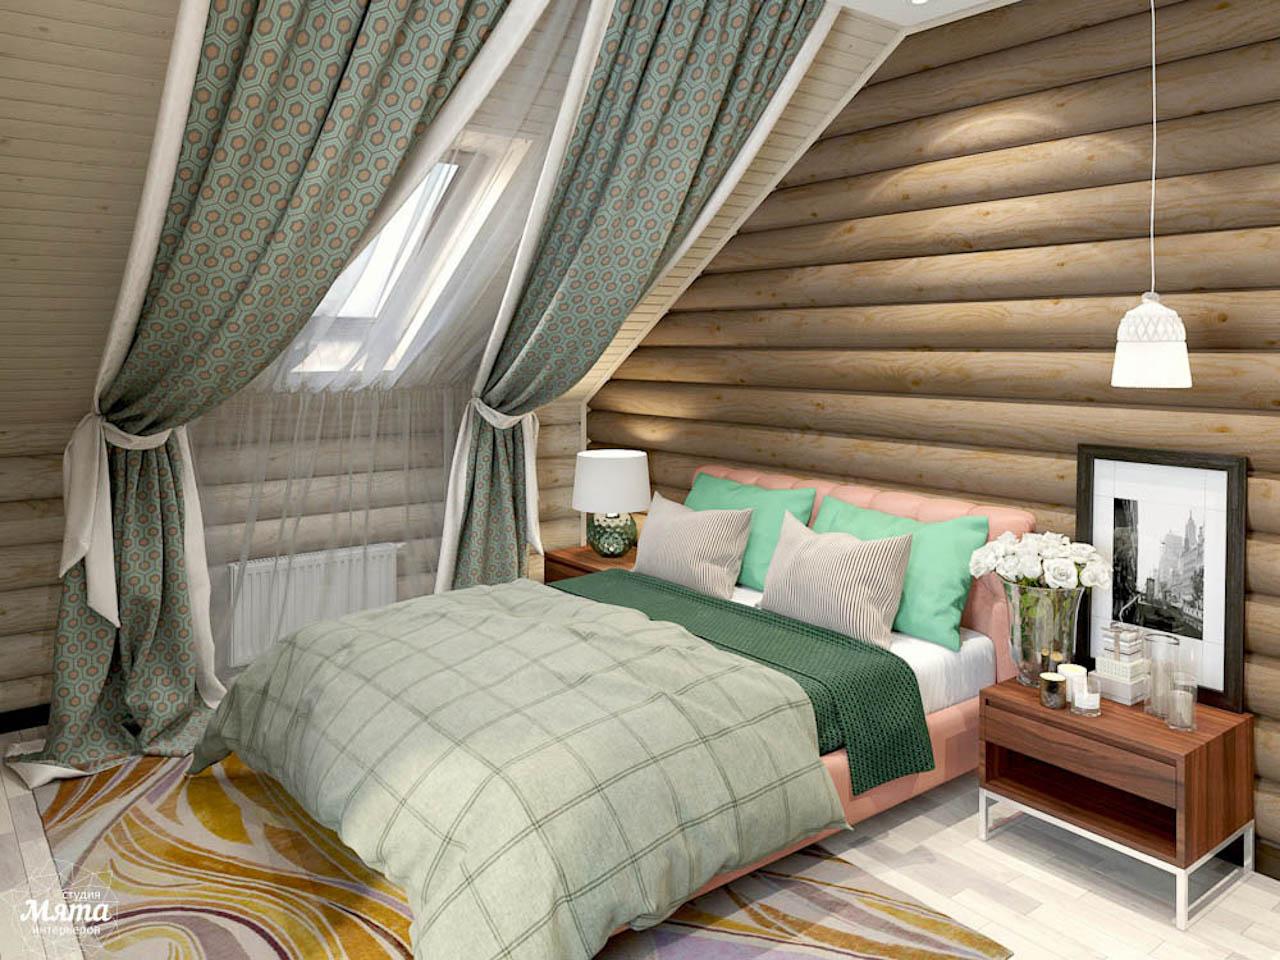 Дизайн интерьера коттеджа в п. В. Сысерть  img1560721426